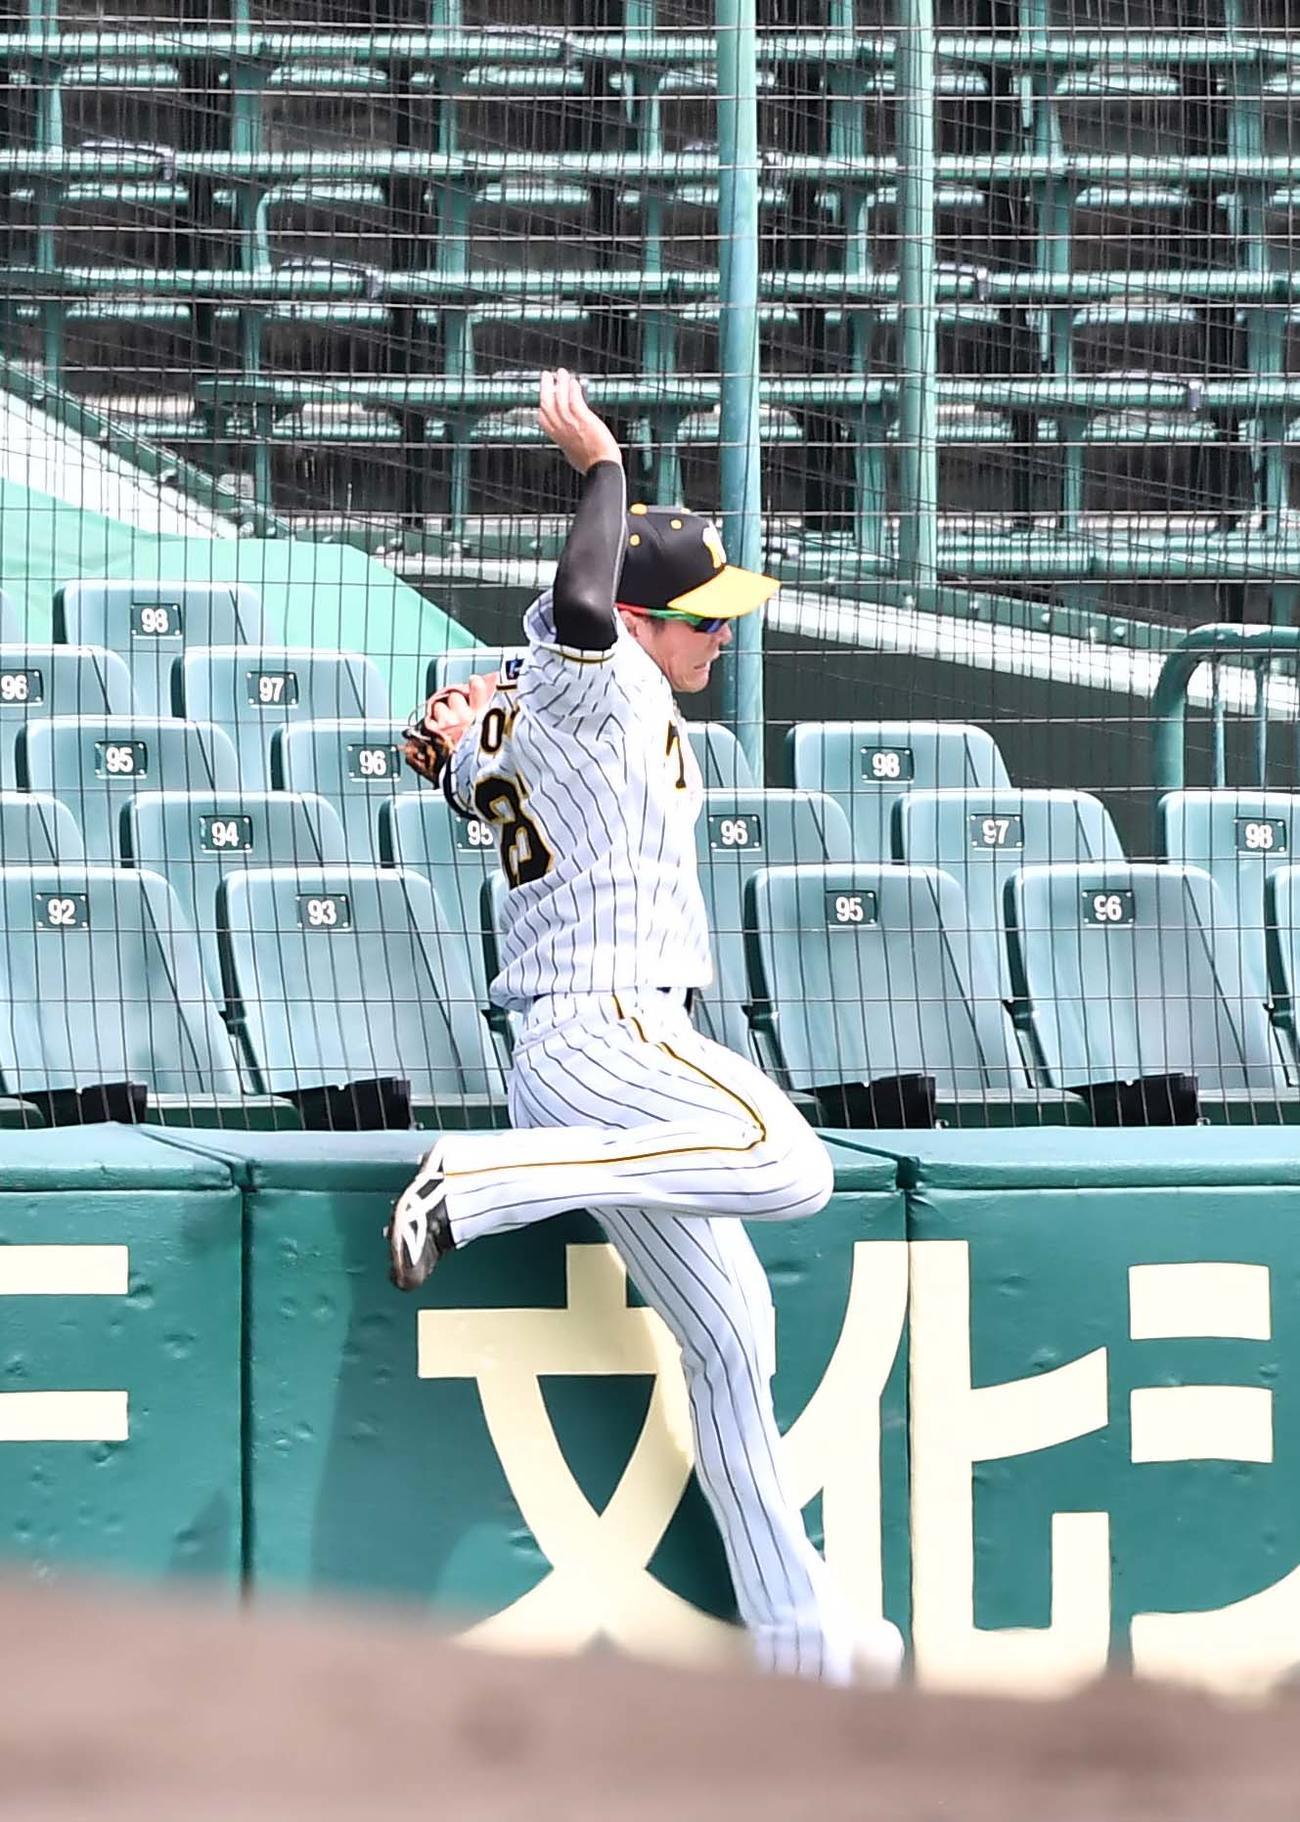 ウエスタン阪神対ソフトバンク 2回表ソフトバンク無死一塁、増田の打球を追い左肩を負傷する北條(撮影・上田博志)